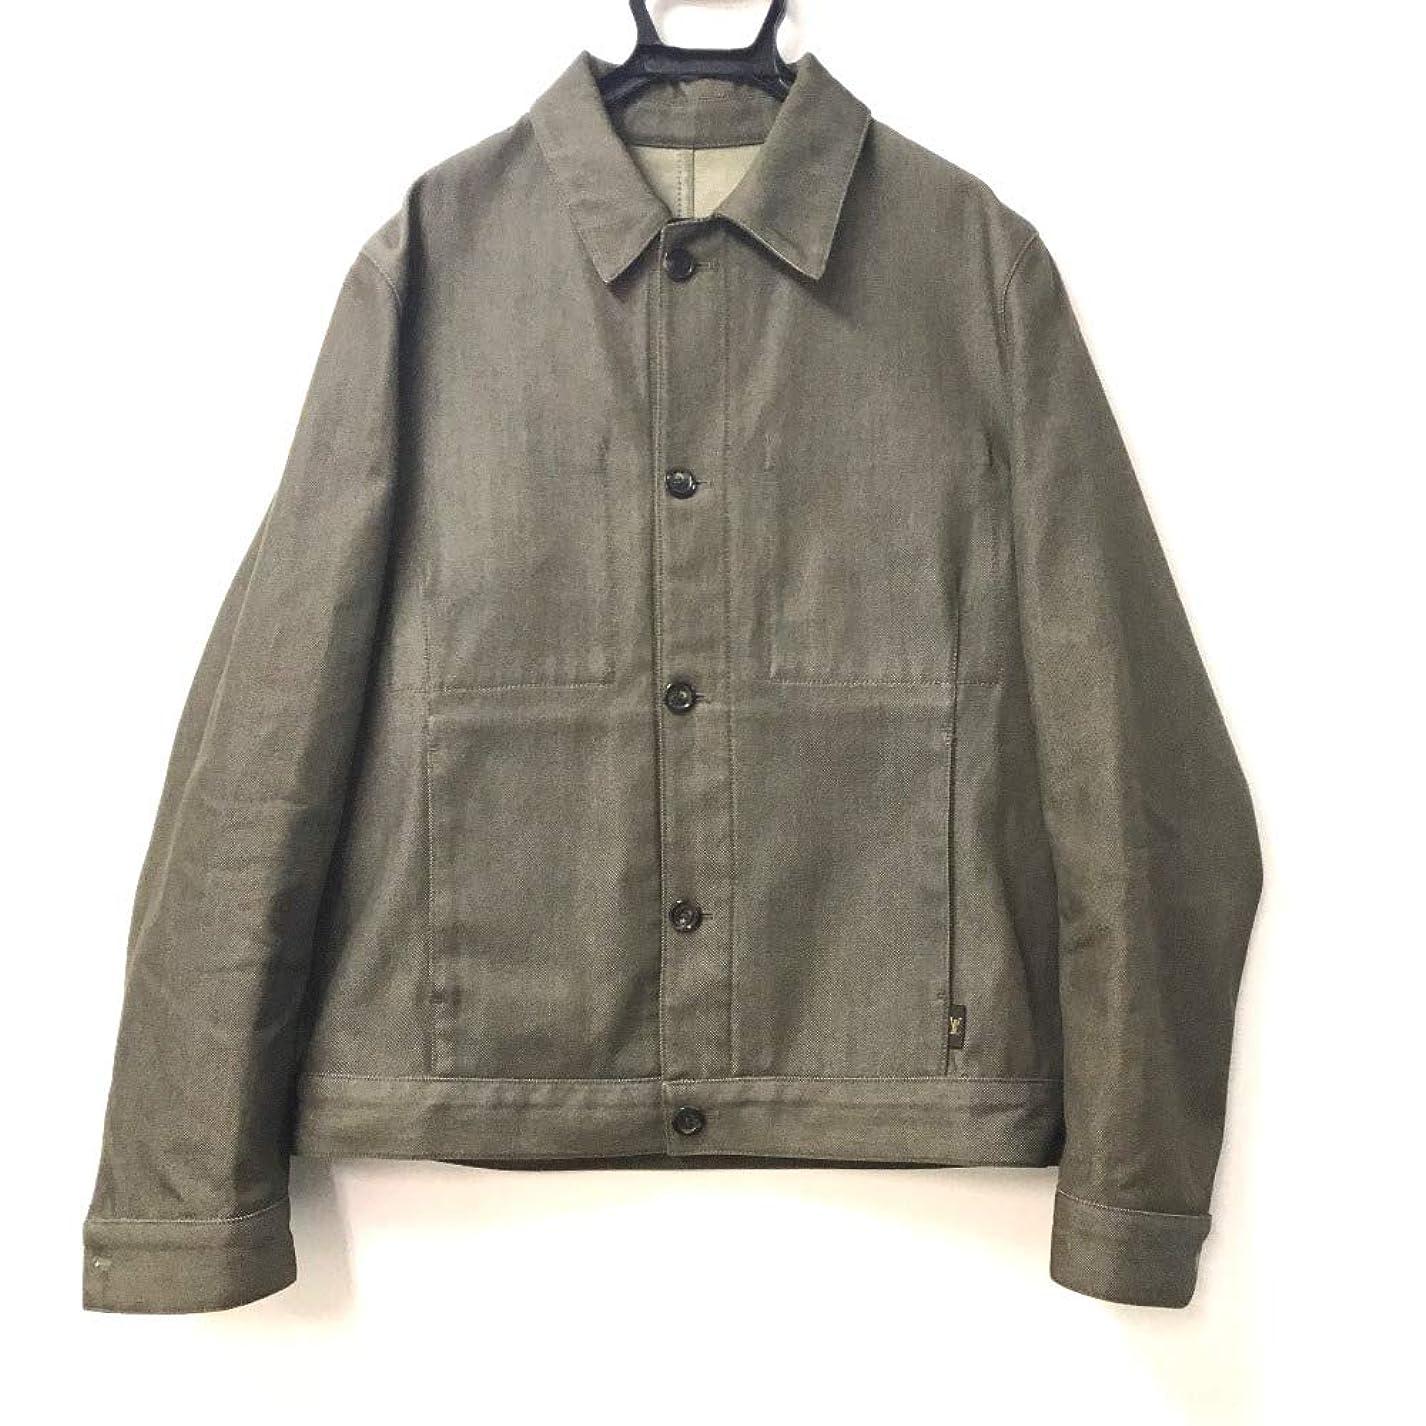 名詞後方混乱した(ルイ?ヴィトン)LOUIS VUITTON アウター シャツジャケット ウール/綿 メンズ 中古